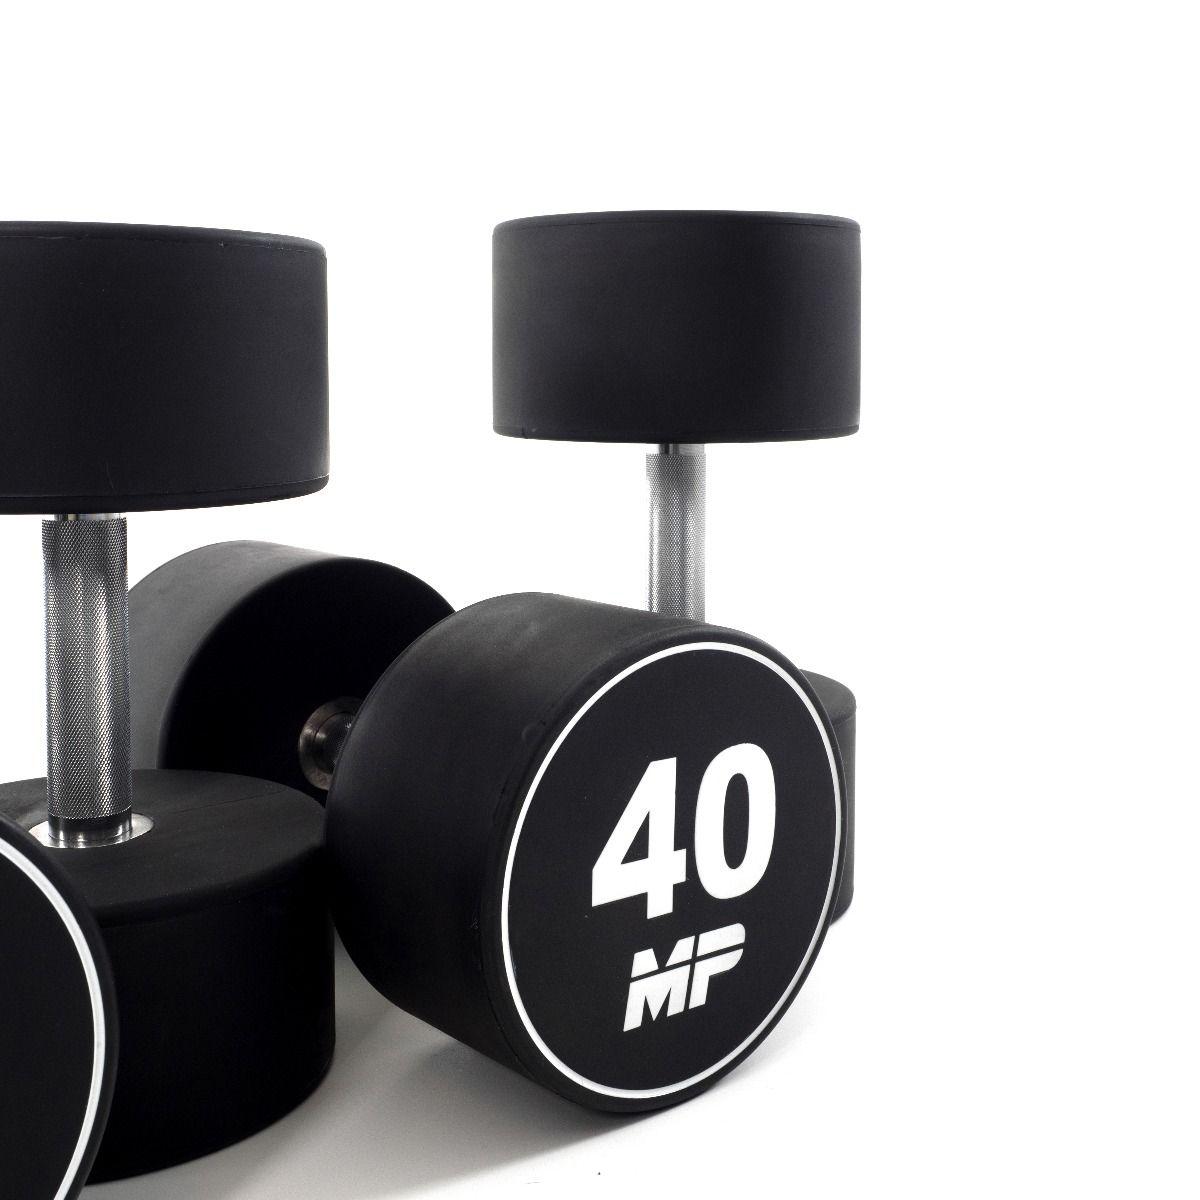 ronde-urethaan-dumbbellset-32-40kg-muscle-power